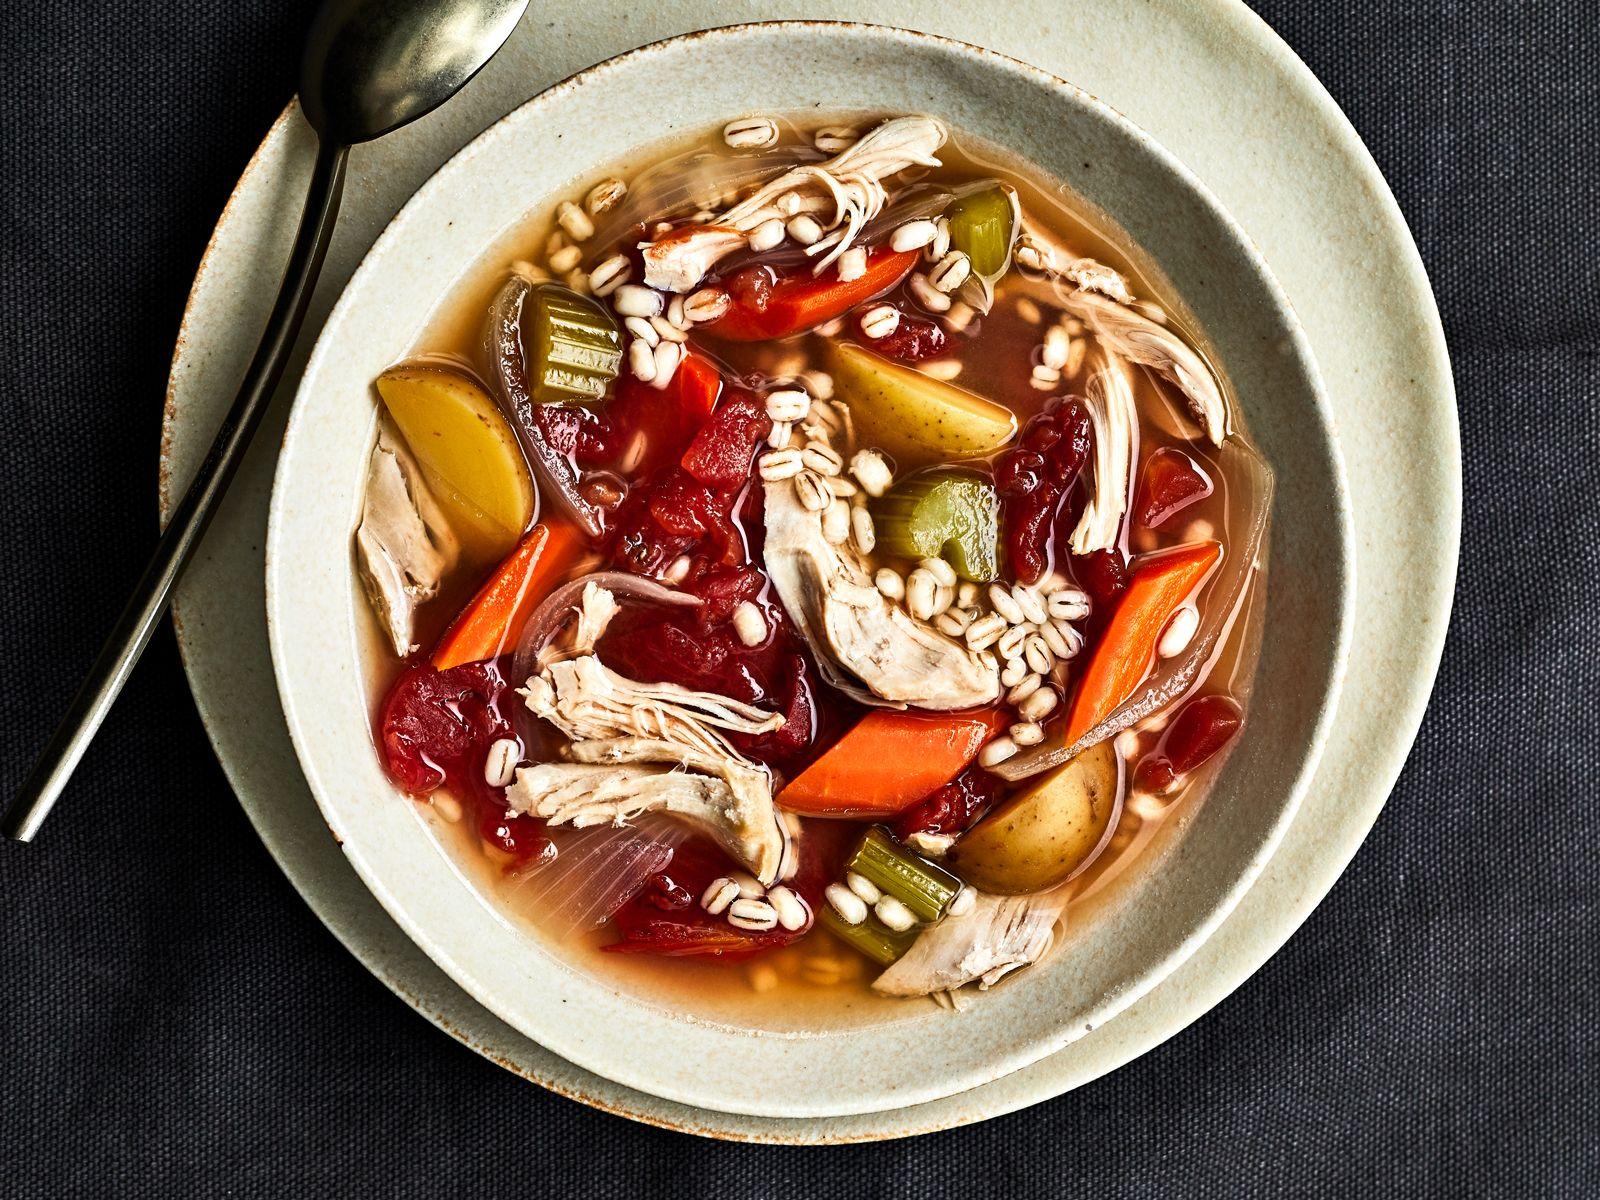 Caldo De Pollo Recipe Recipe In 2020 Food Wine Recipes Recipes